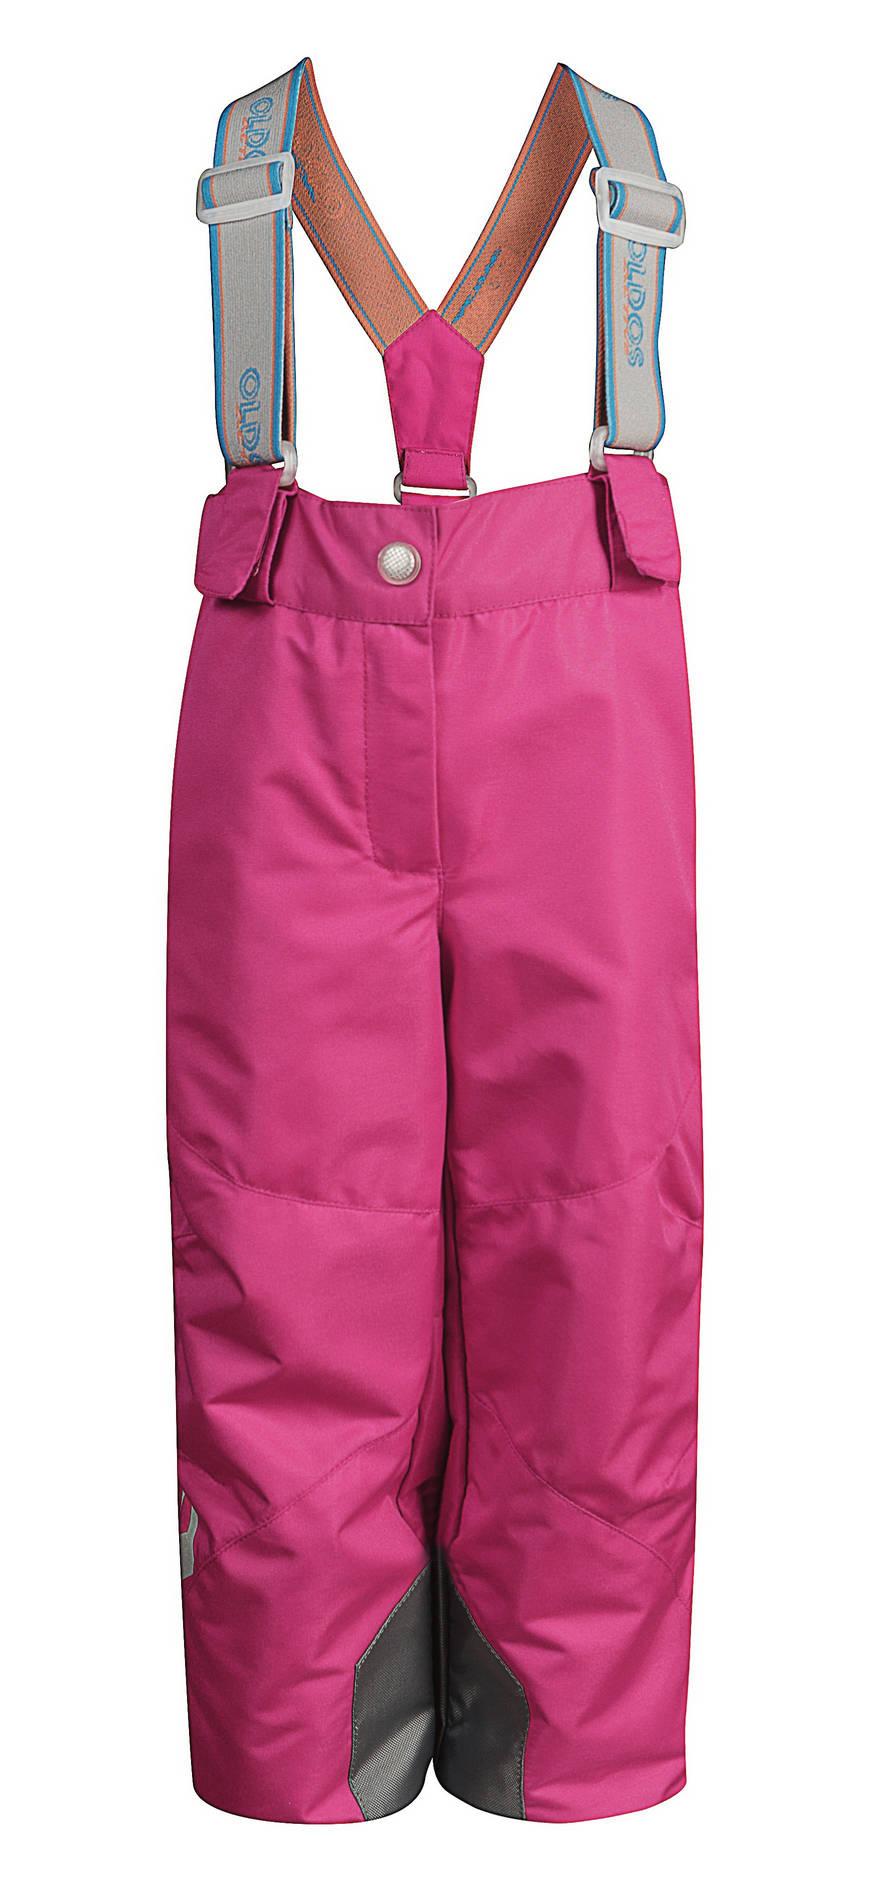 Брюки демисезонные для девочки Донна OLDOS ACTIVEДетские брюки<br>В удобных брюках из плотной мембранной ткани с водо- грязеотталкивающим покрытием Донна из коллекции OLDOS ACTIVE Ваша непоседа сможет пускать кораблики по лужам, не боясь промокнуть или испачкаться.<br><br>Размер: 86, 92, 98, 104, 110, 116, 122, 128, 134, 140<br>Цвет: МАЛИНОВЫЙ